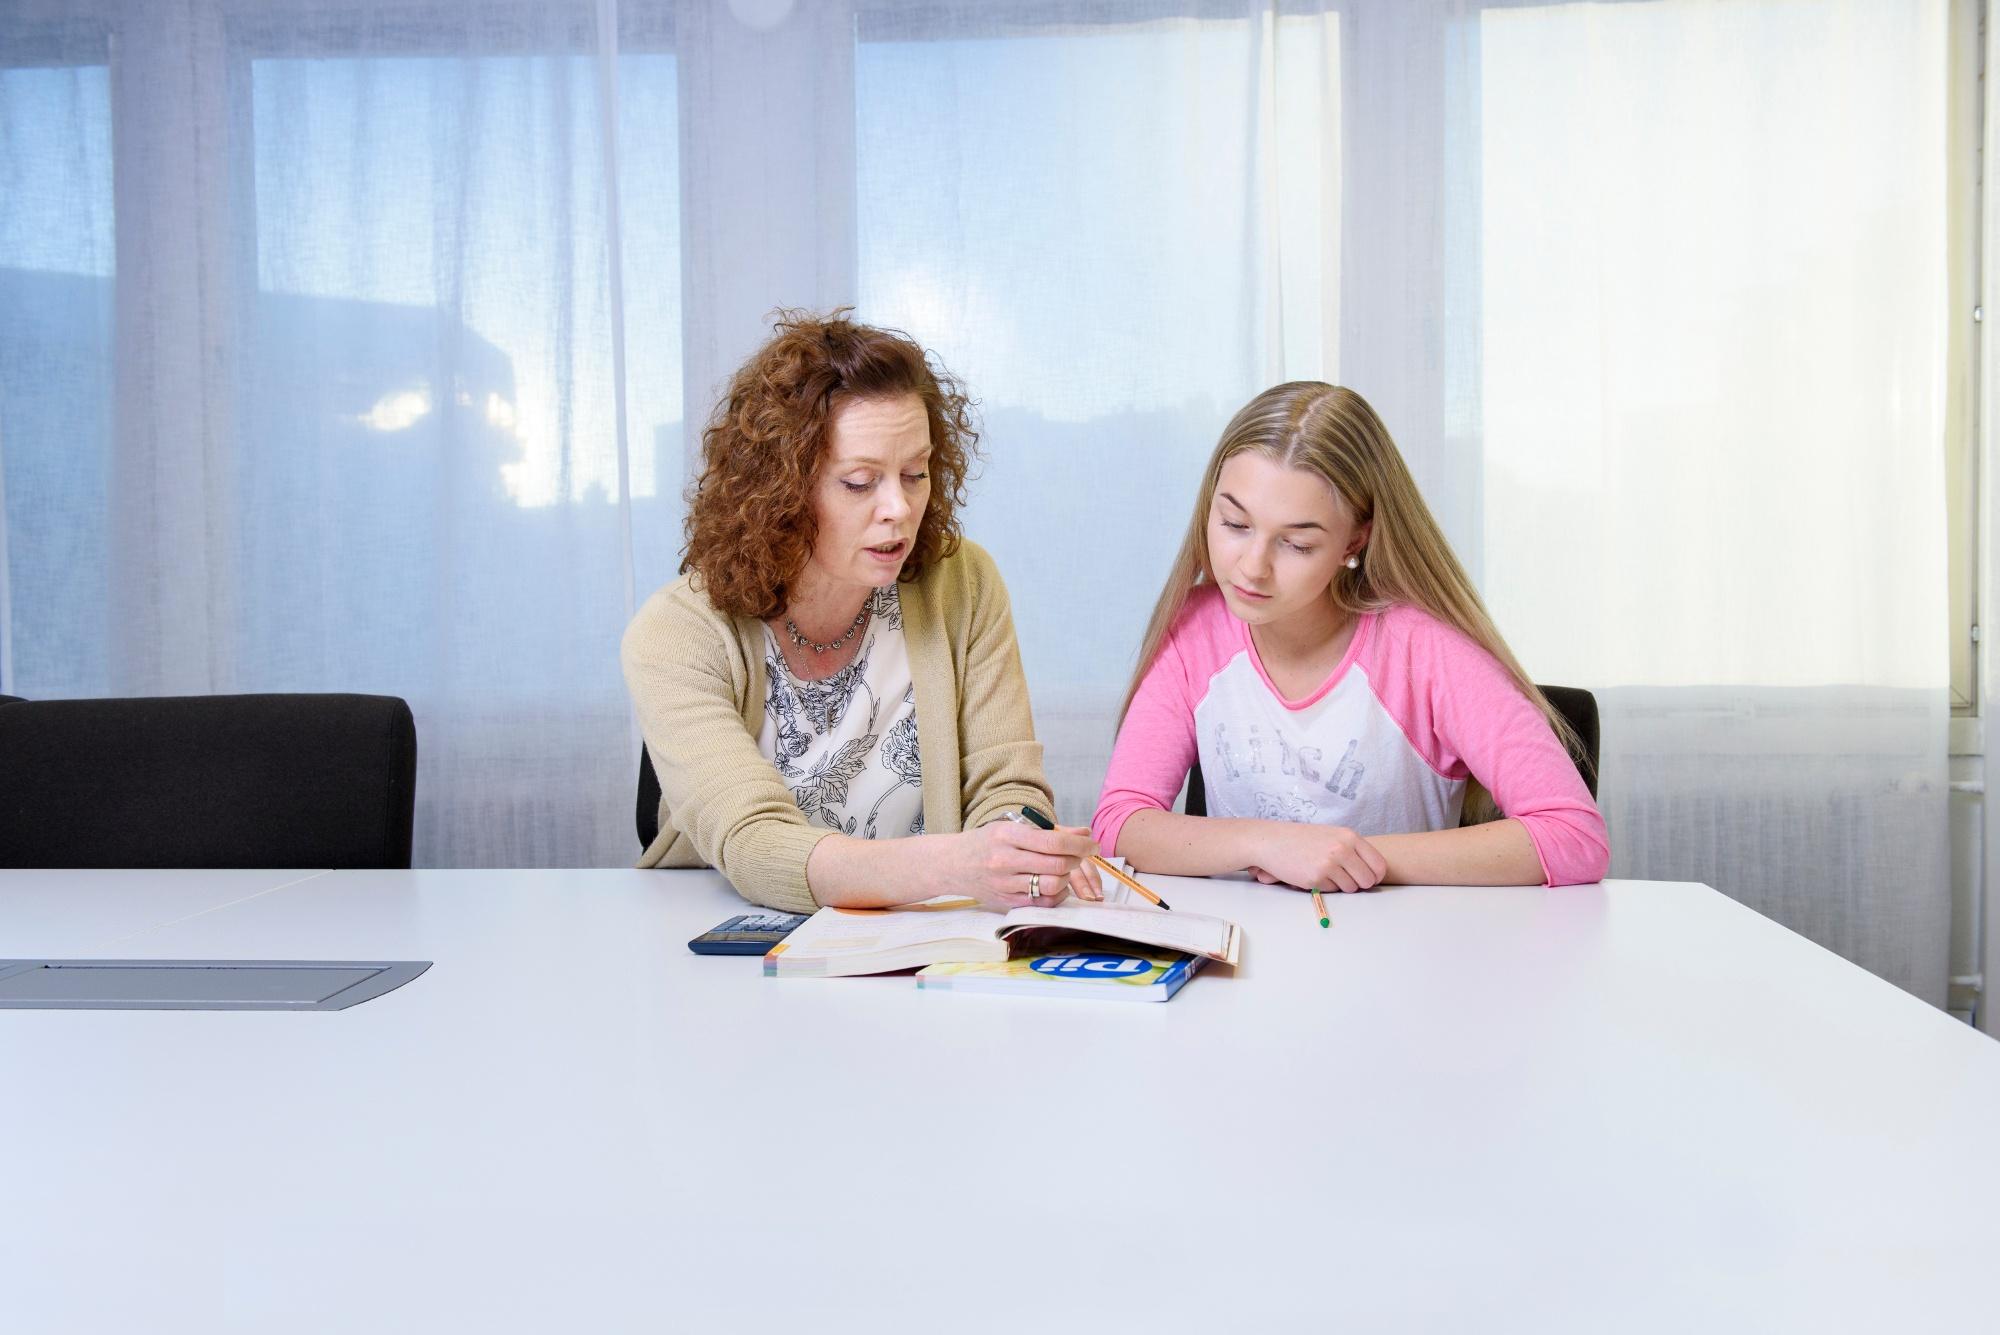 Maths teacher teaching a teenage girl.